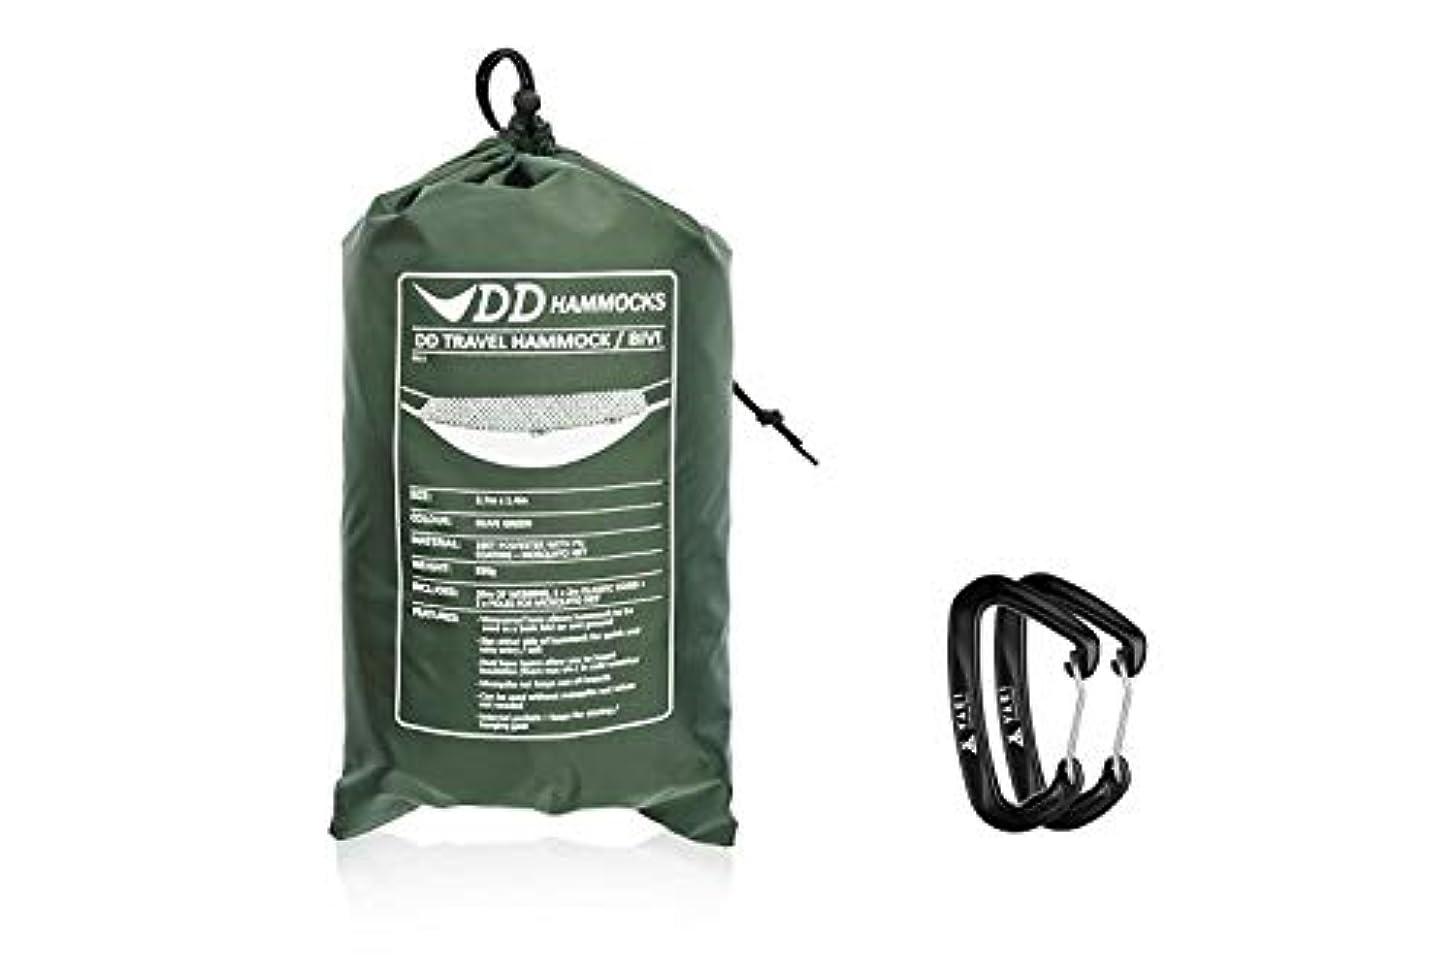 配列デンプシー追加するDD Travel Hammock Olive green [英国メーカー直卸] 高破断強度 カラビナ付